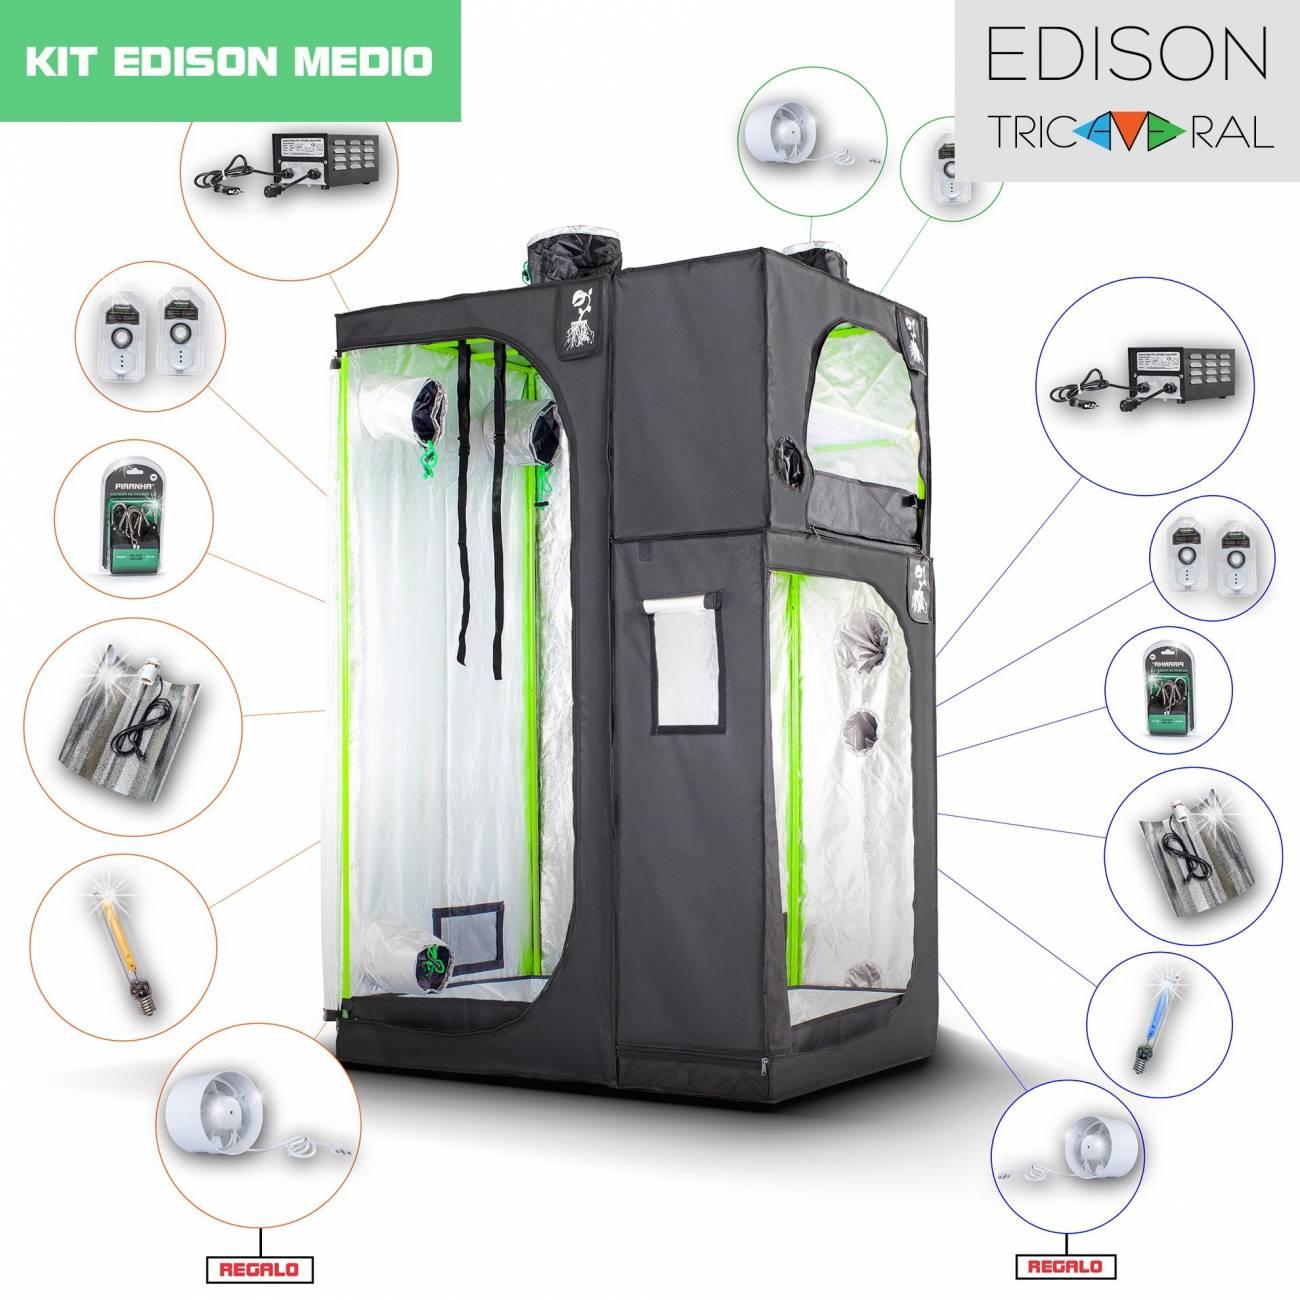 Kit Tricameral Edison Medio